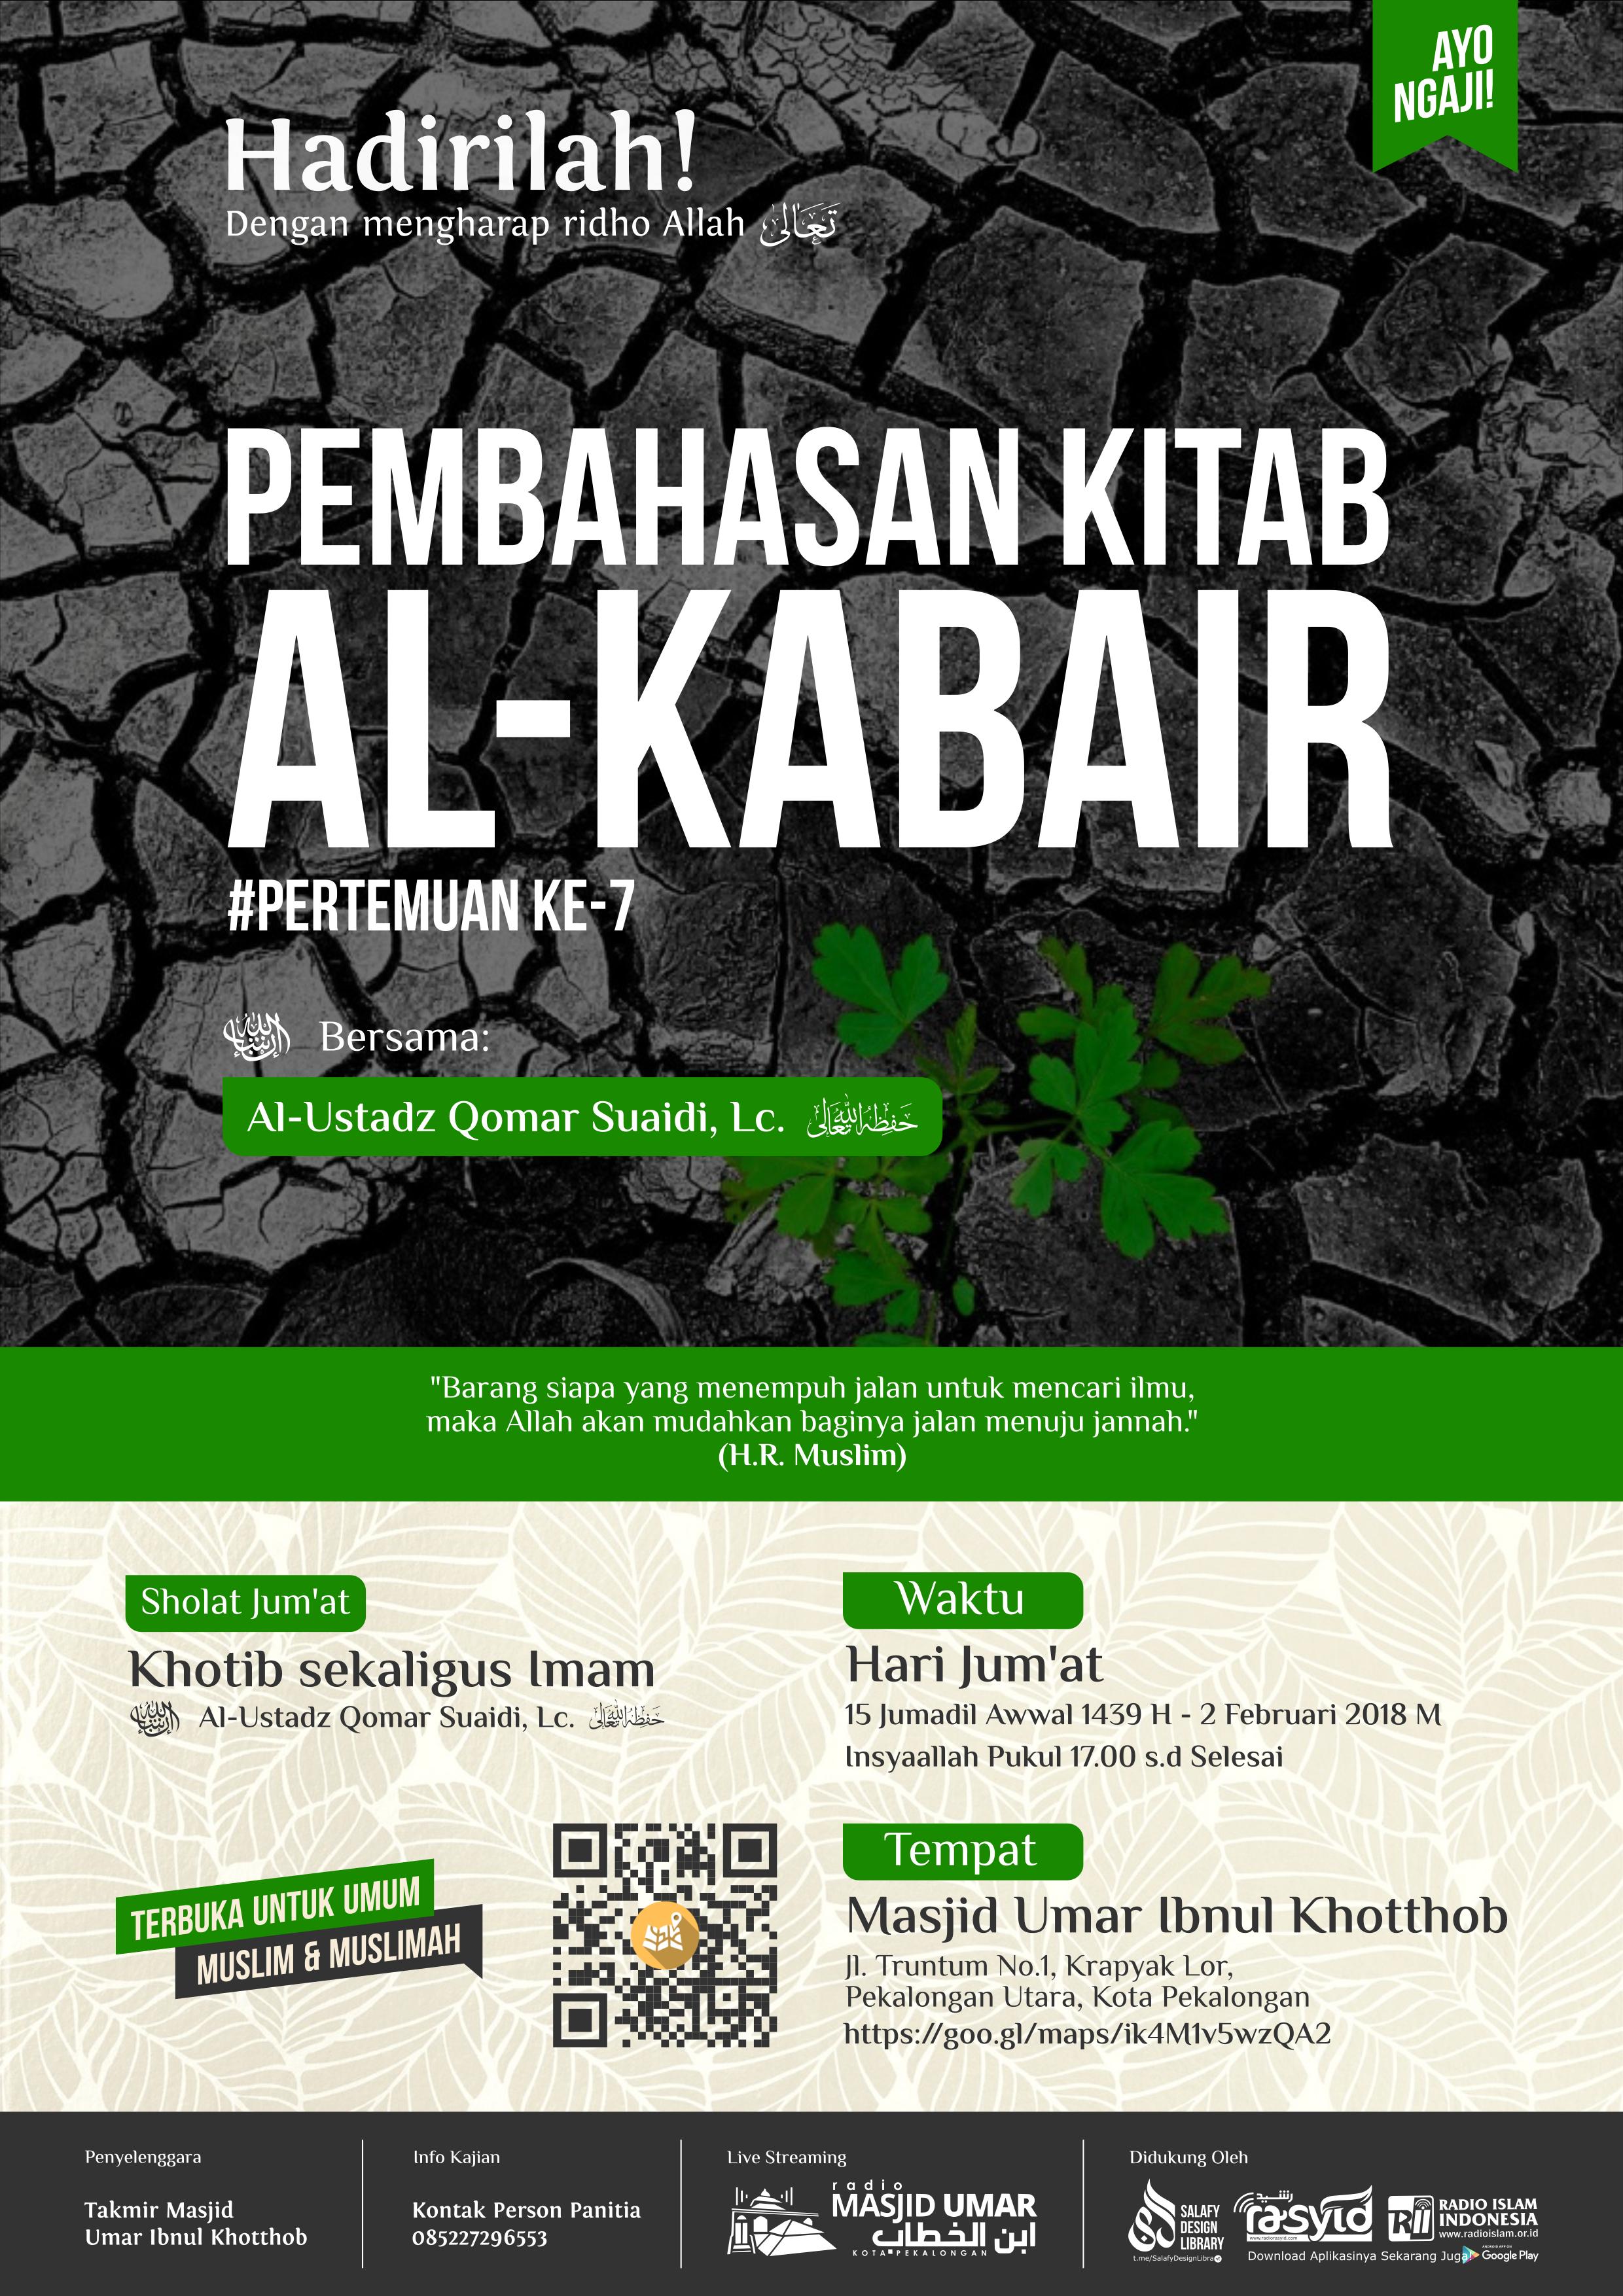 Kajian Bersama Al Ustadz Qomar Suaidi Lc || 2 Februari 2018 di Kota Pekalongan